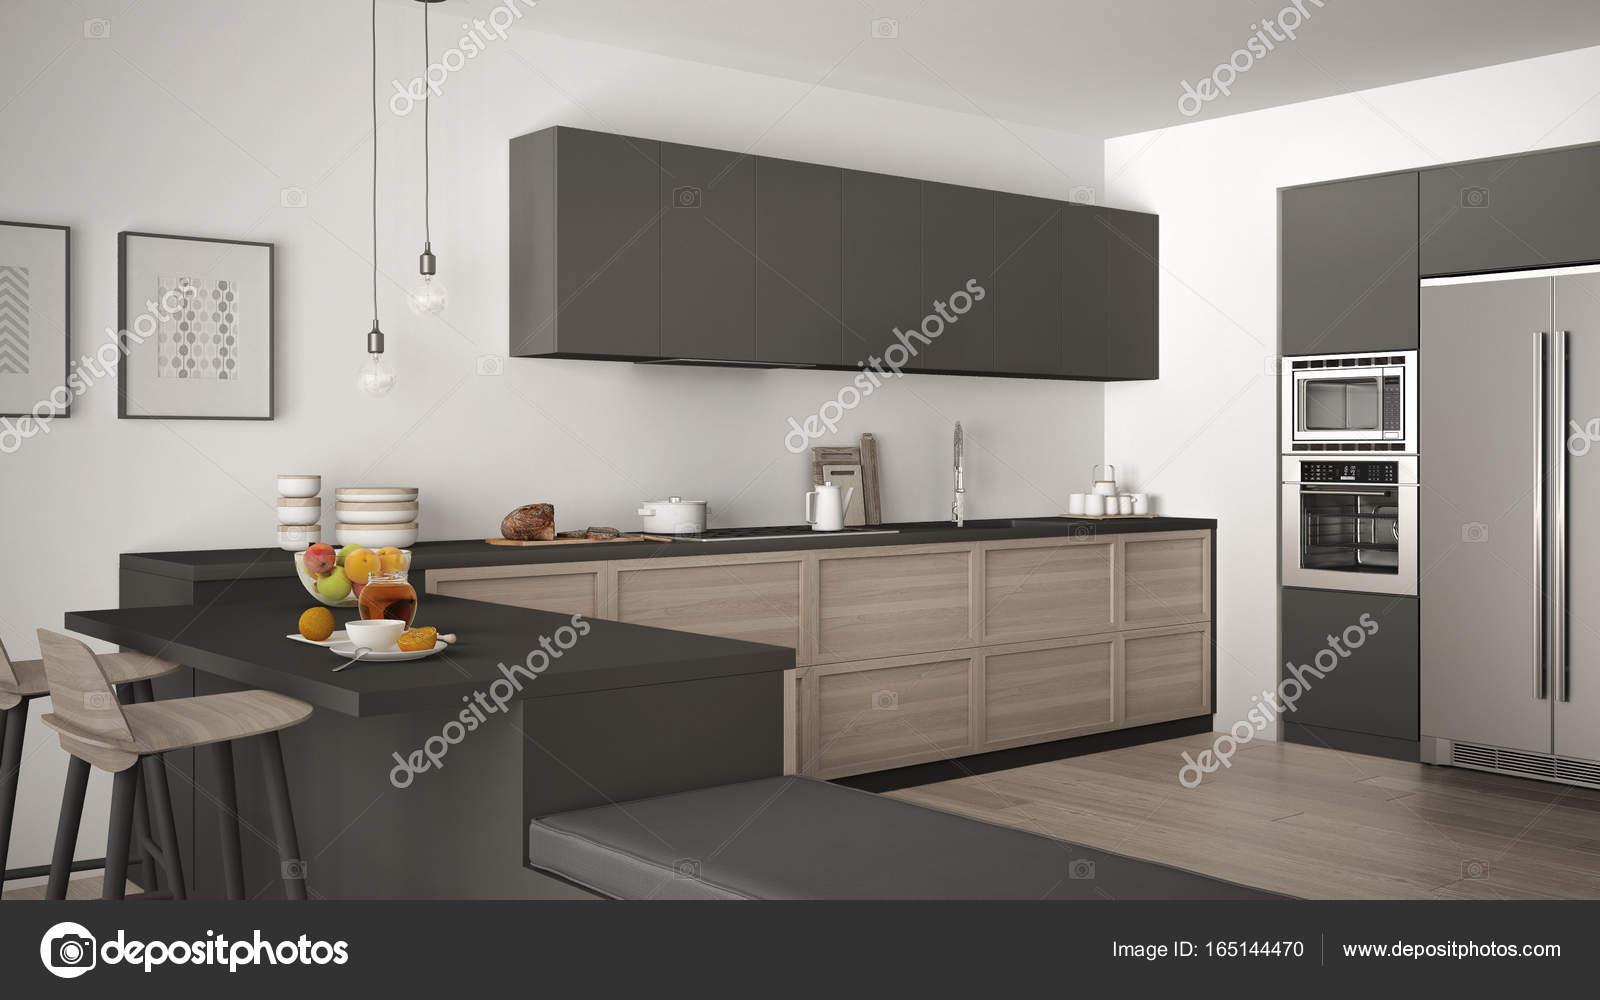 Cucina classica con dettagli in legno e pavimento in parquet, sano b ...